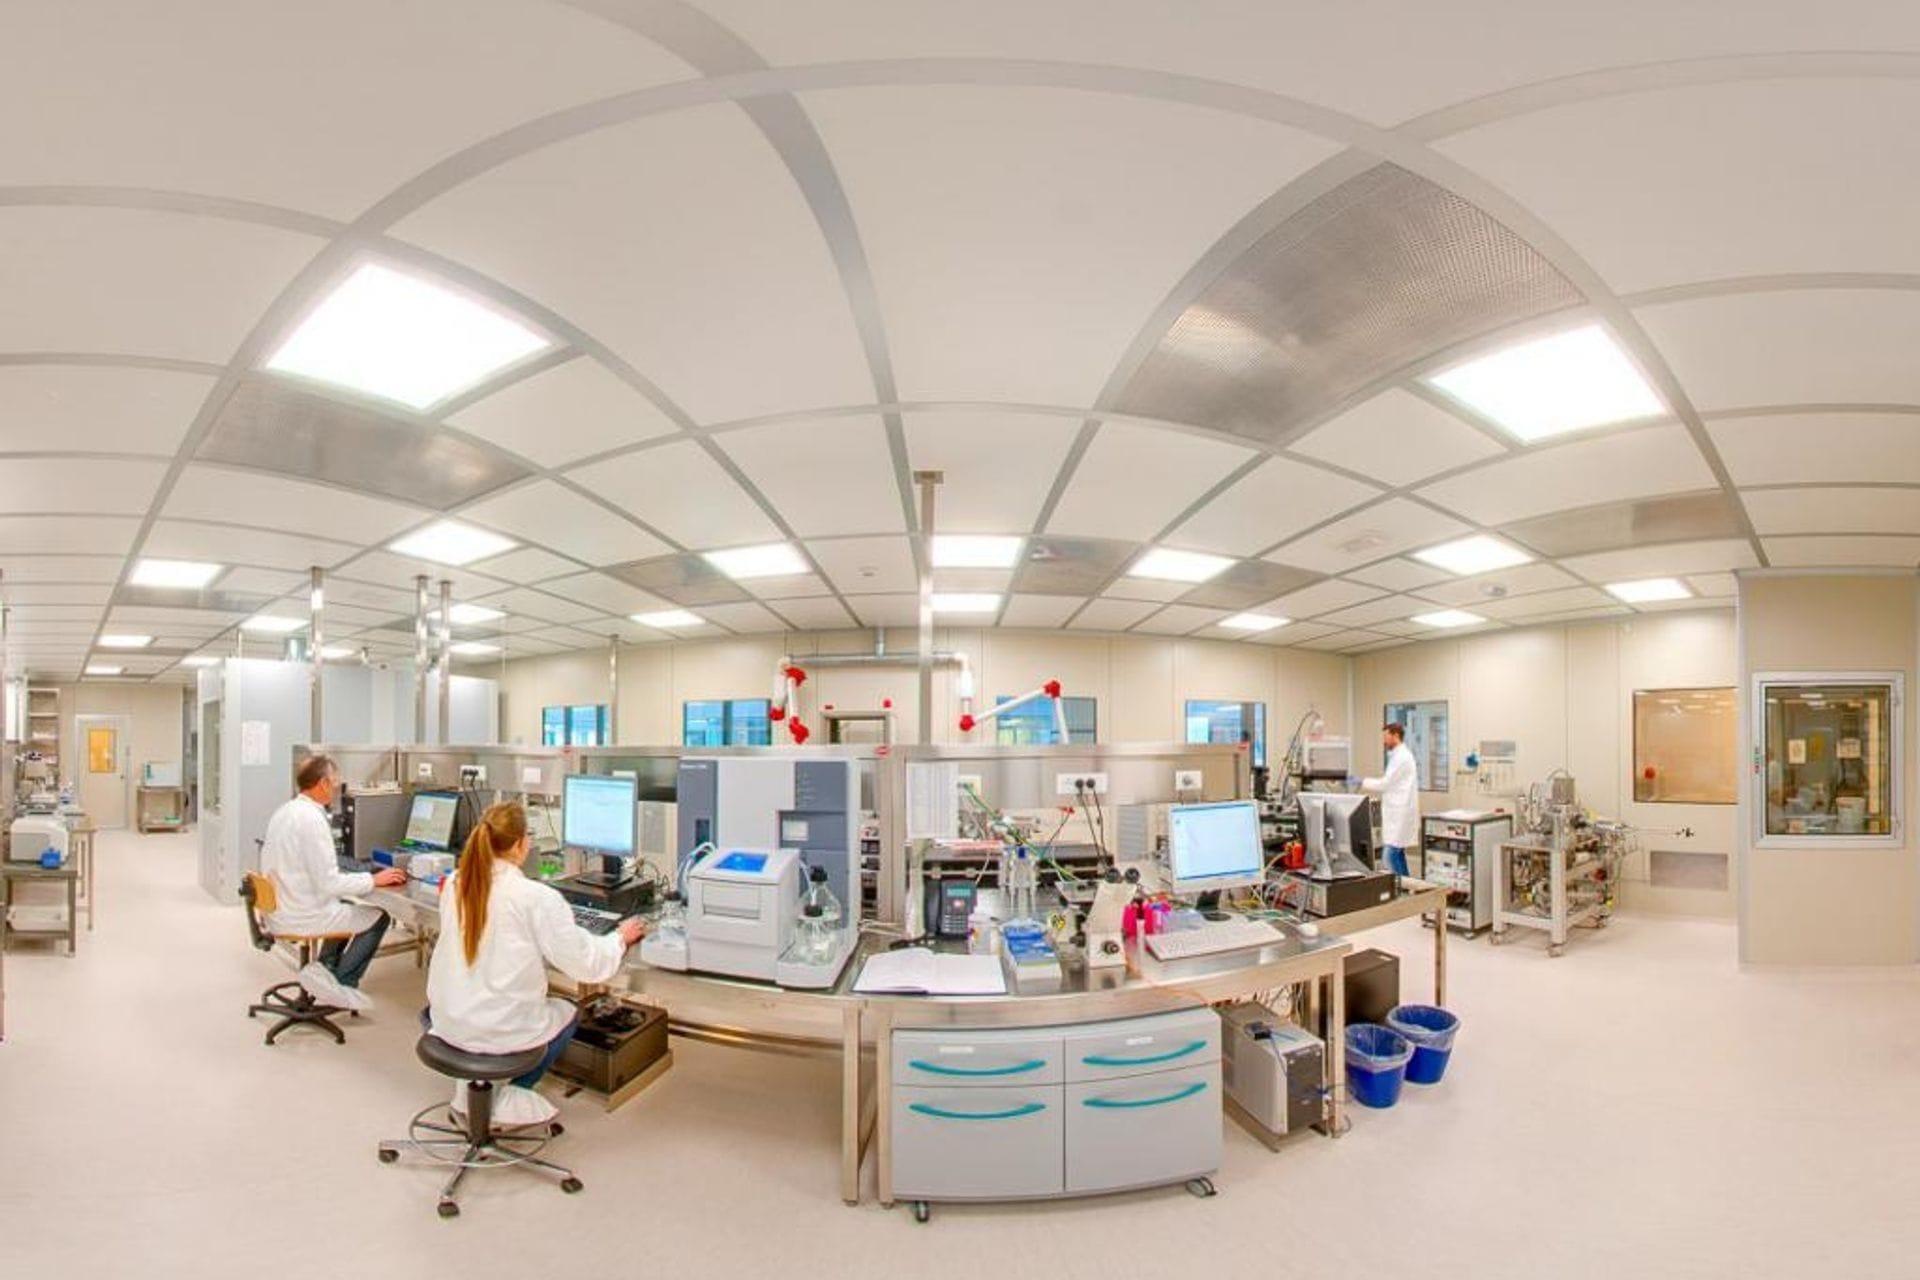 Laboratorija za nanobiotehnologiju